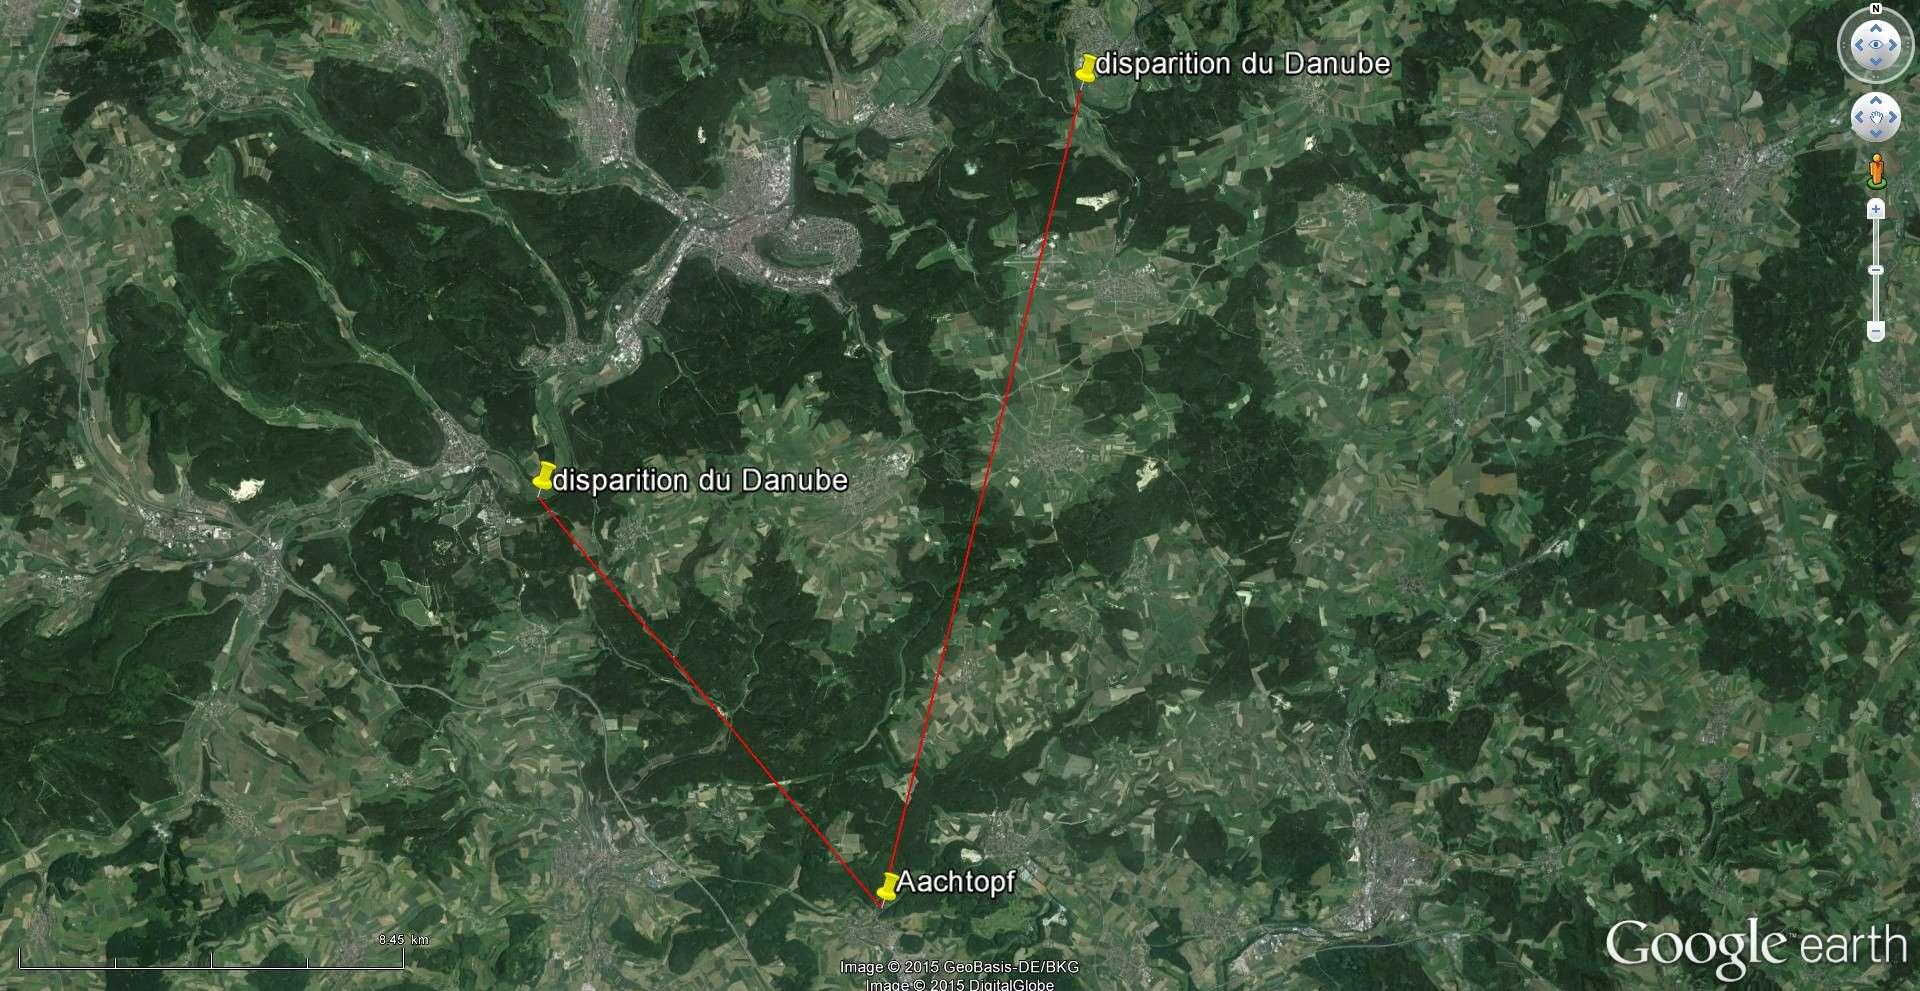 """La disparition du Danube (Donauversickerung), Immendingen, Allemagne, 47°55'46.28""""N 8°45'20.68""""E 2015-146"""